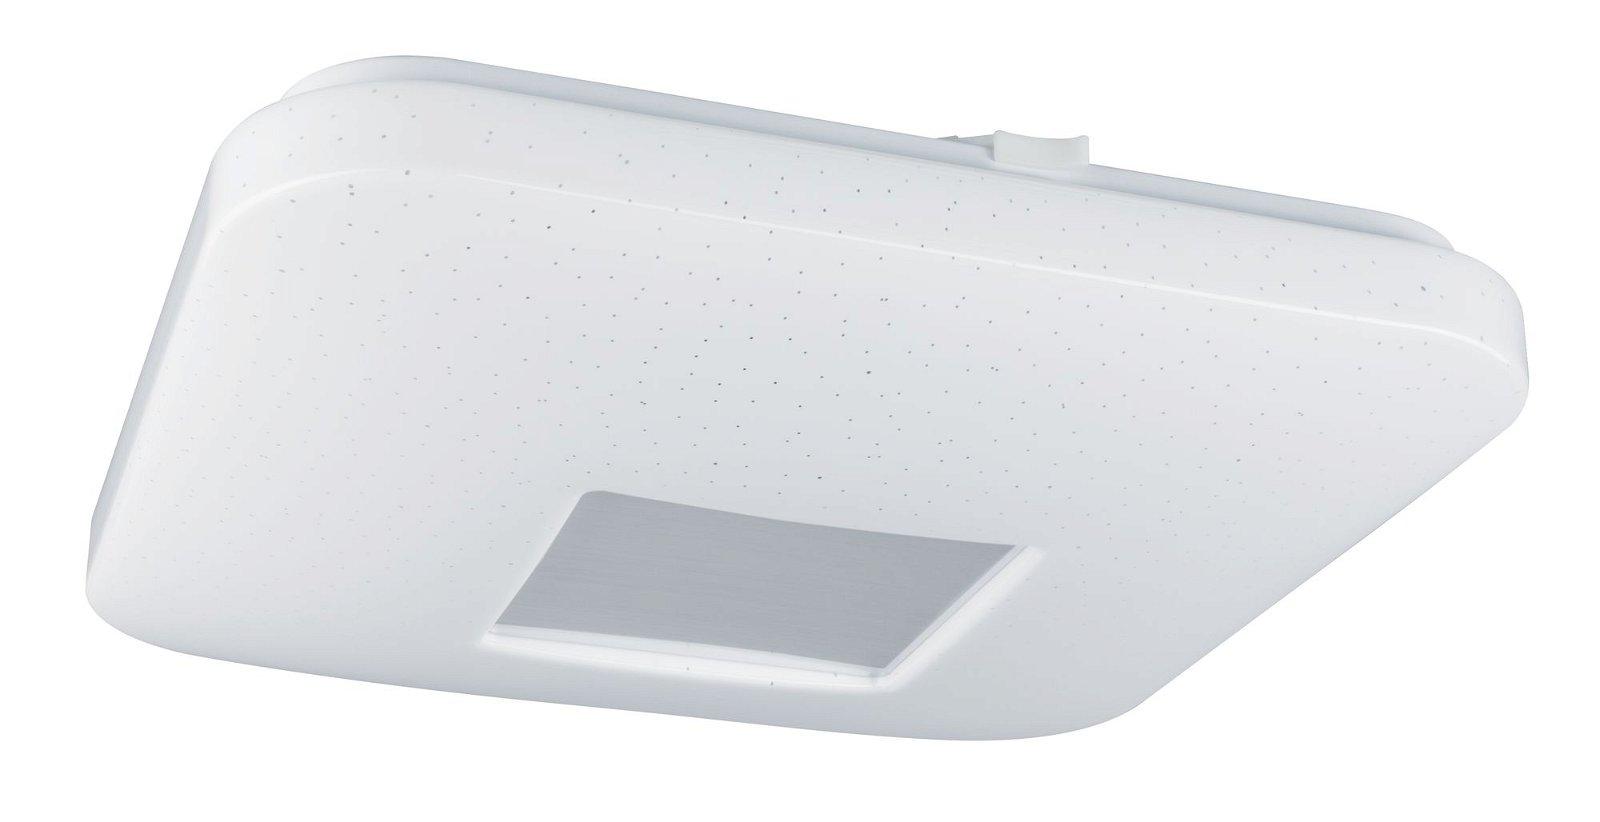 LED Deckenleuchte Costella White Switch 1500lm 230V 16W Weiß